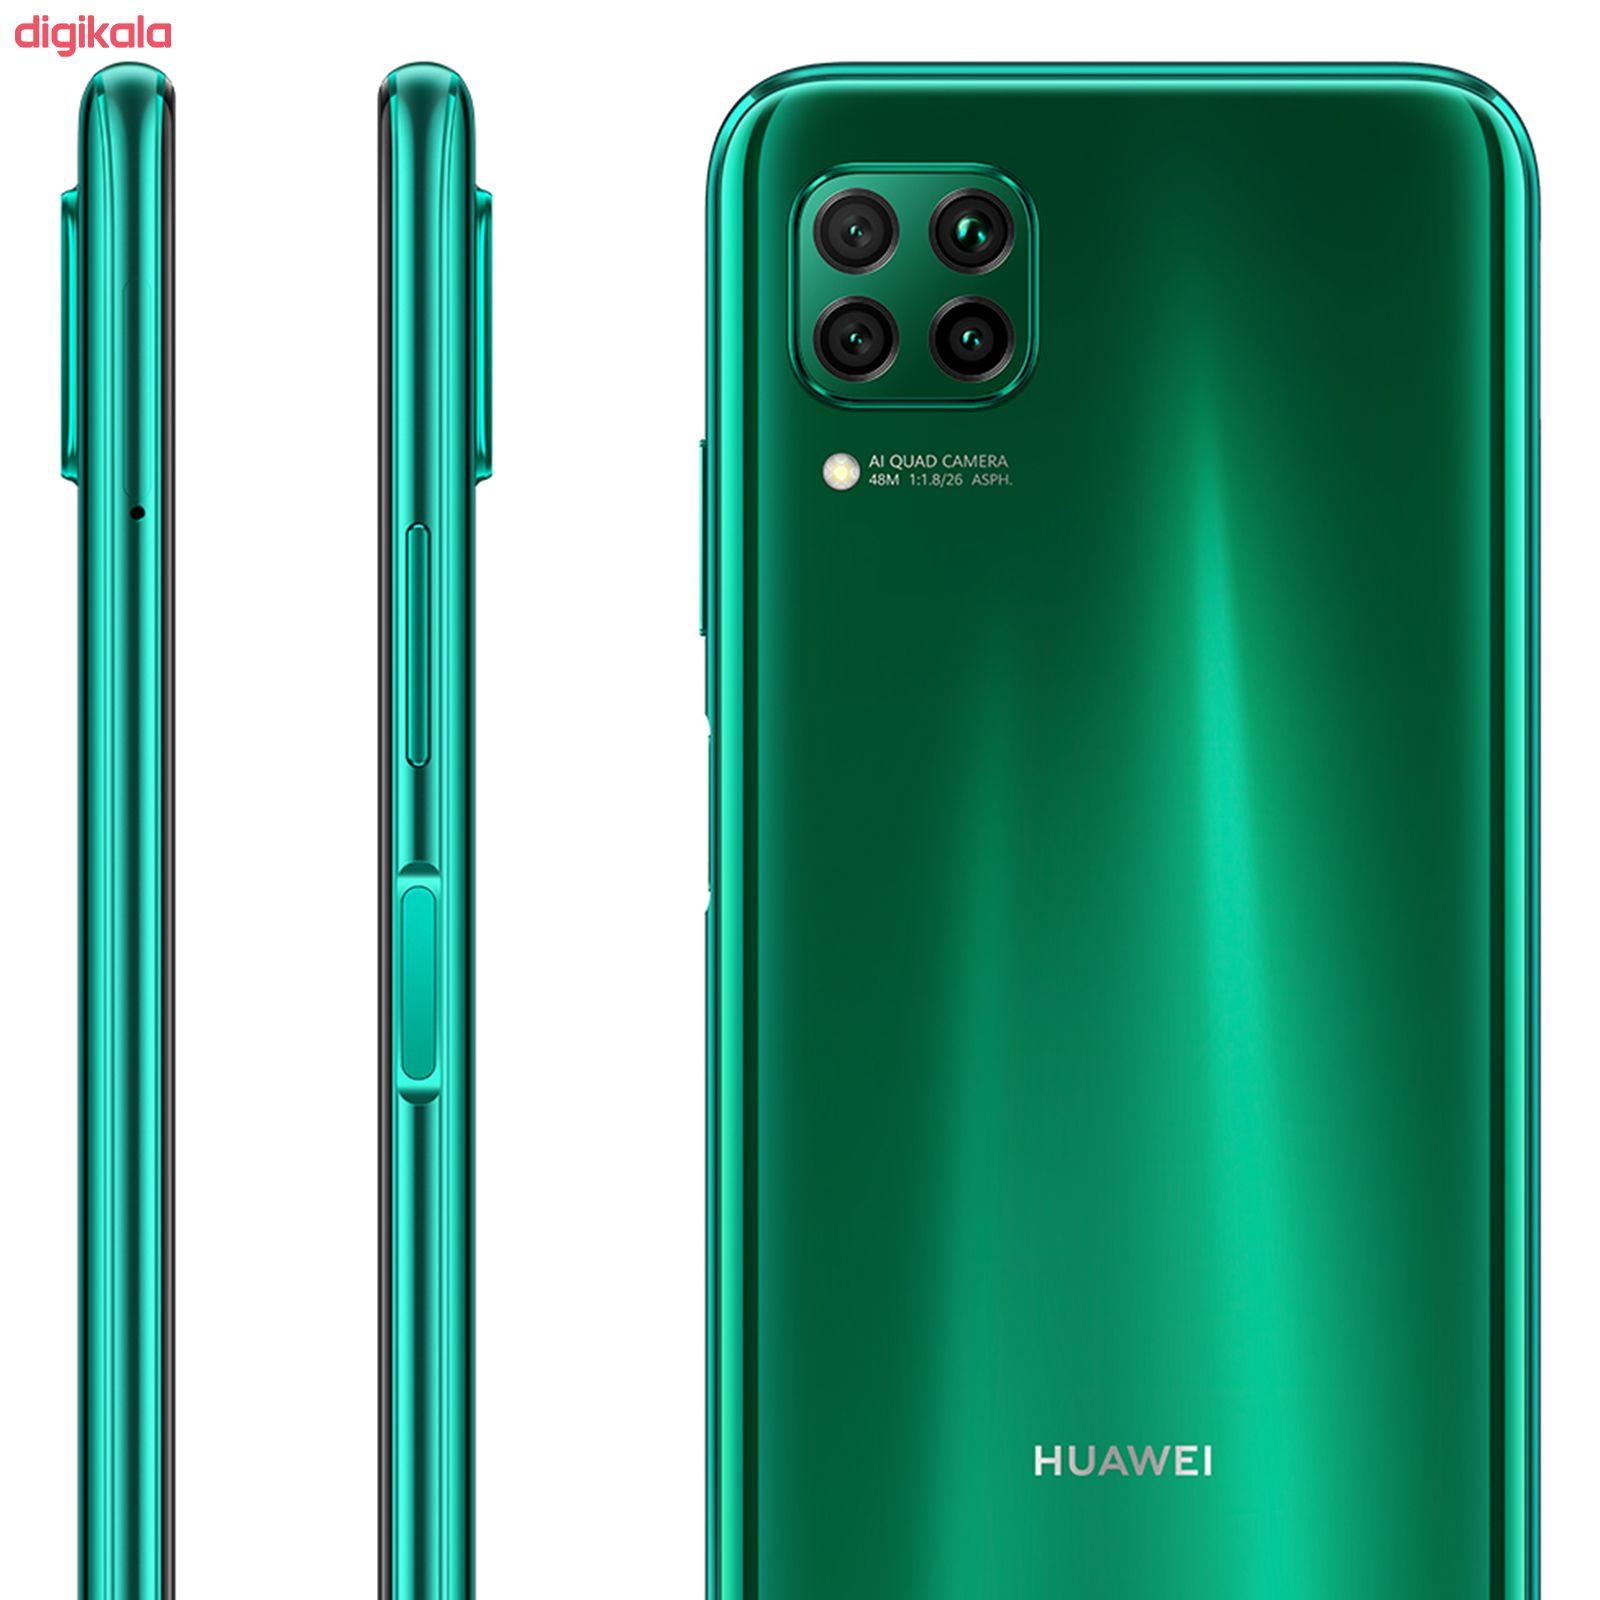 گوشی موبایل هوآوی مدل Nova 7i JNY-LX1 دو سیم کارت ظرفیت 128 گیگابایت به همراه شارژر همراه هدیه main 1 12